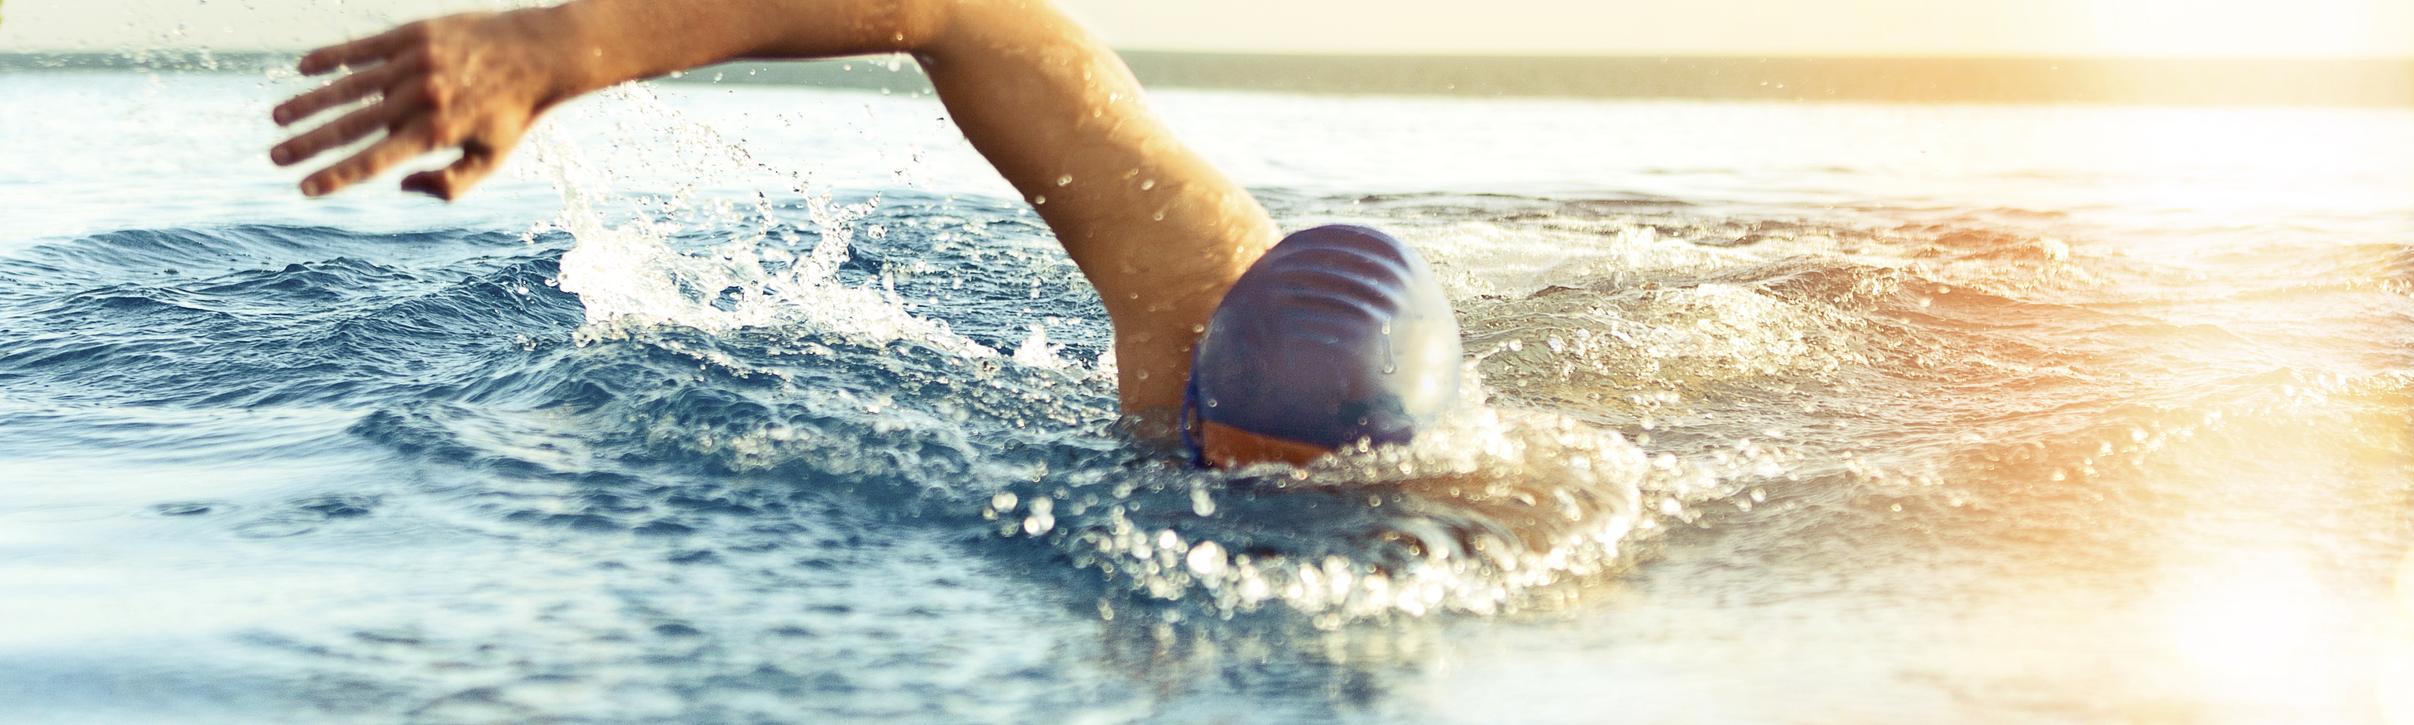 Prévenir les accidents à la plage et dans les sports nautiques